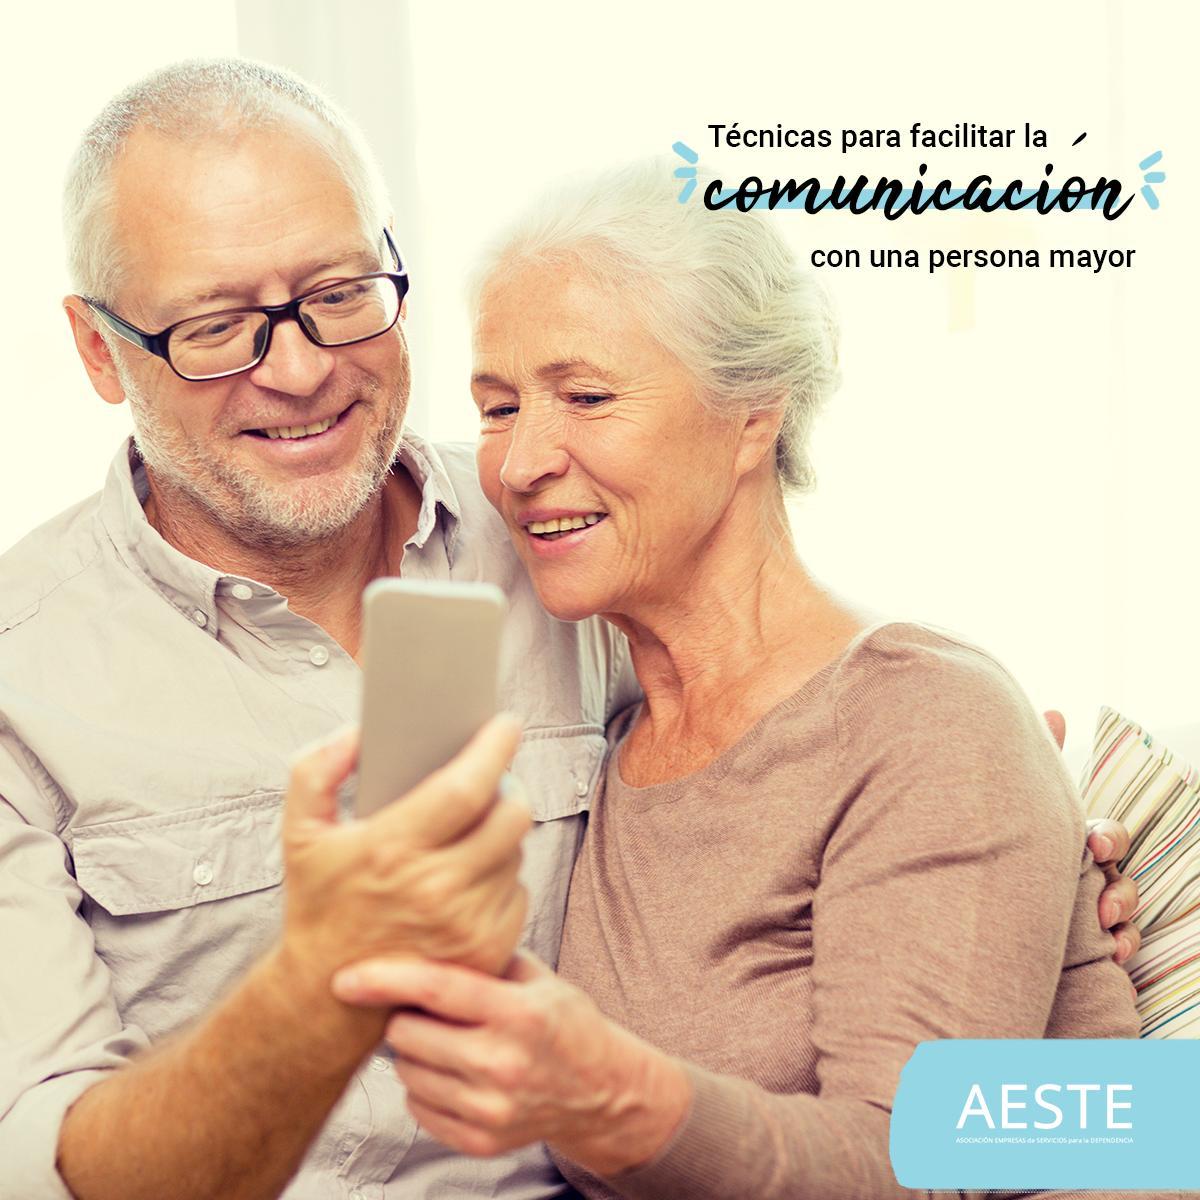 test Twitter Media - 🗨Para facilitar la comunicación con #PersonasMayores a nuestro cuidado: ✅Ayudar a que hable por teléfono con familiares y amigos. ✅Hablar suavemente y de frente, siendo lo más expresivo posible. ✅Utilizar frases breves y concretas    https://t.co/PDsfVDALfu https://t.co/znxGjkkqy9